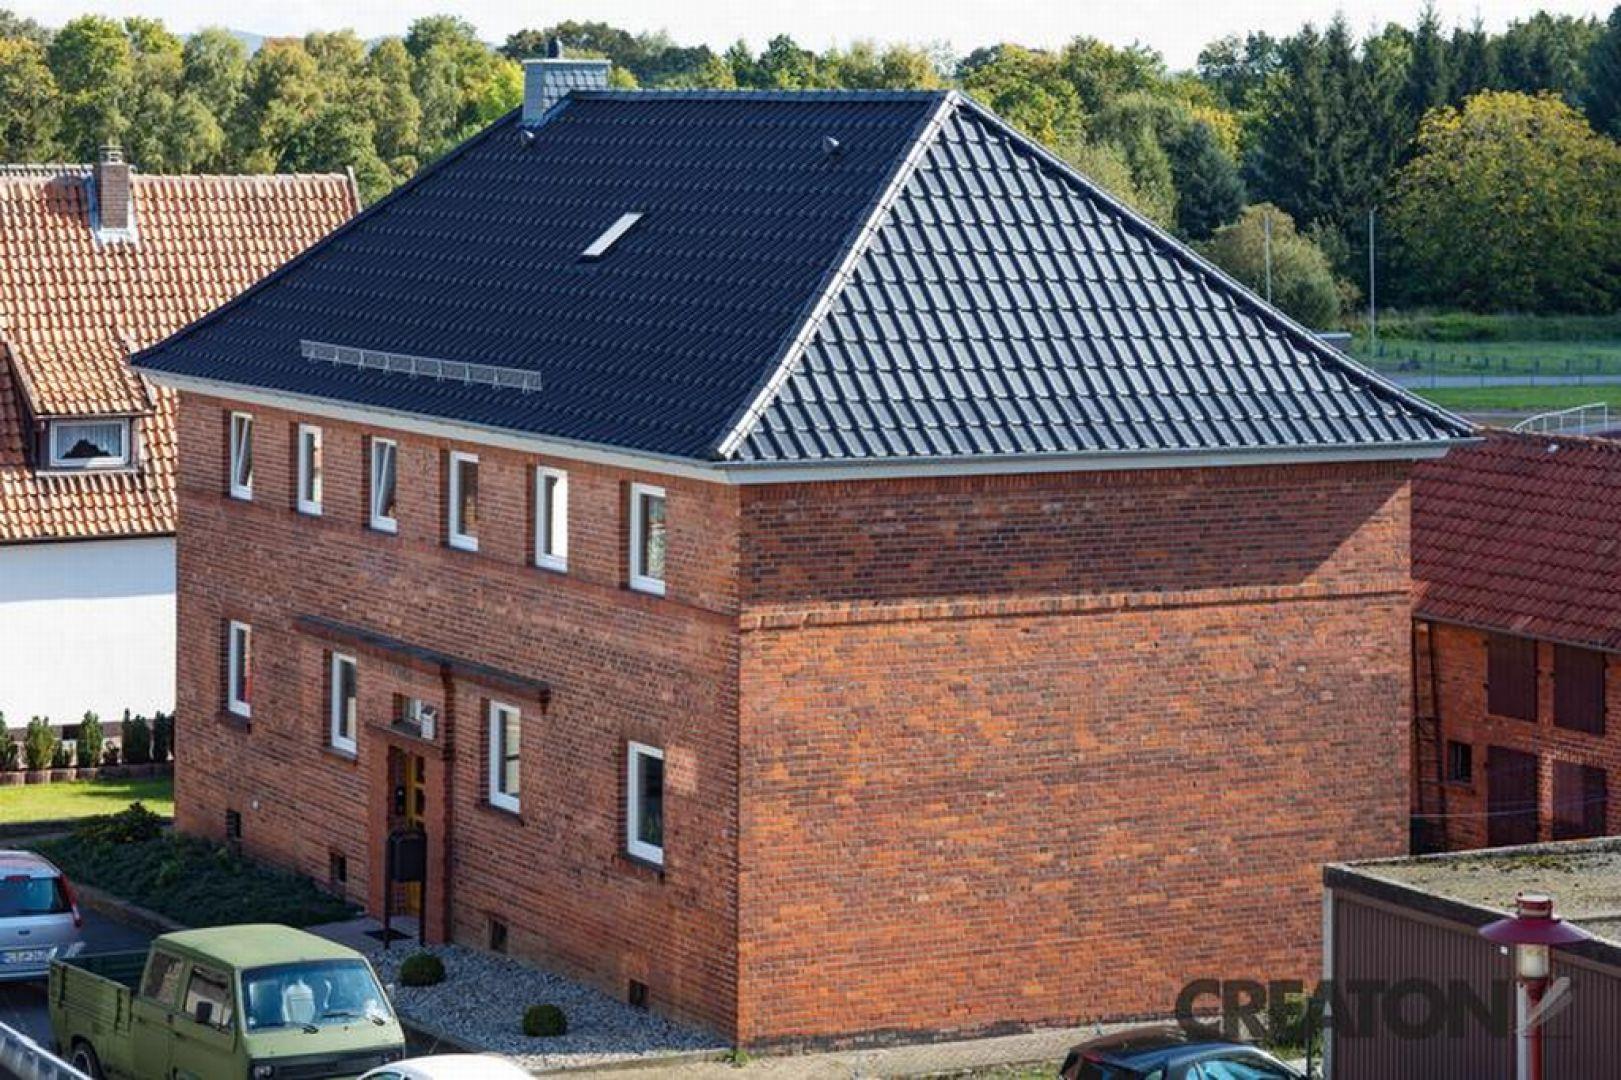 """Gdy już wybierzemy kształt dachu, dzięki któremu nasze przysłowiowe """"cztery ściany"""" staną się wkrótce domem, warto pomyśleć o rodzaju pokrycia. Liczy się bowiem zarówno jego wygląd, jak i wytrzymałość, w tym odporność na czynniki atmosferyczne. Fot. Creaton Polska"""